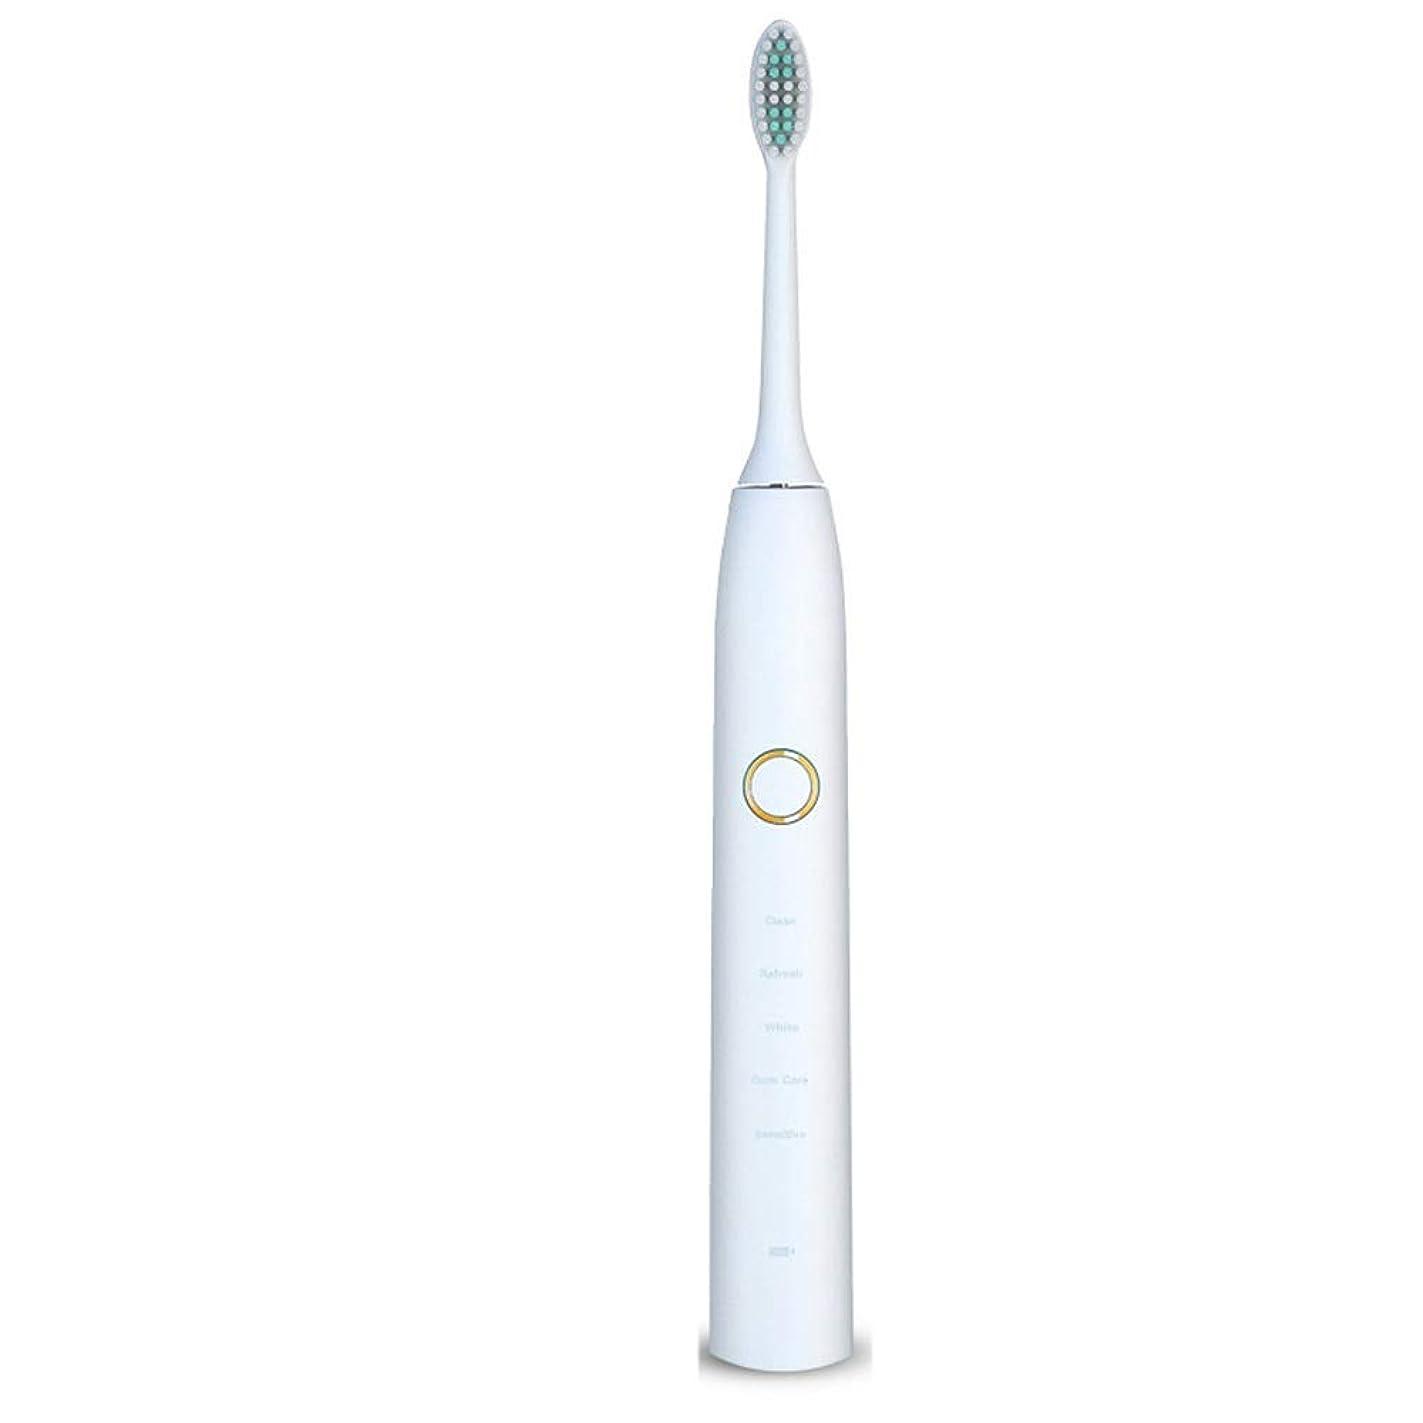 海藻降下反射自動歯ブラシ 電動歯ブラシを白くするUSB??の再充電可能で柔らかい毛の保護きれい (色 : 白, サイズ : Free size)